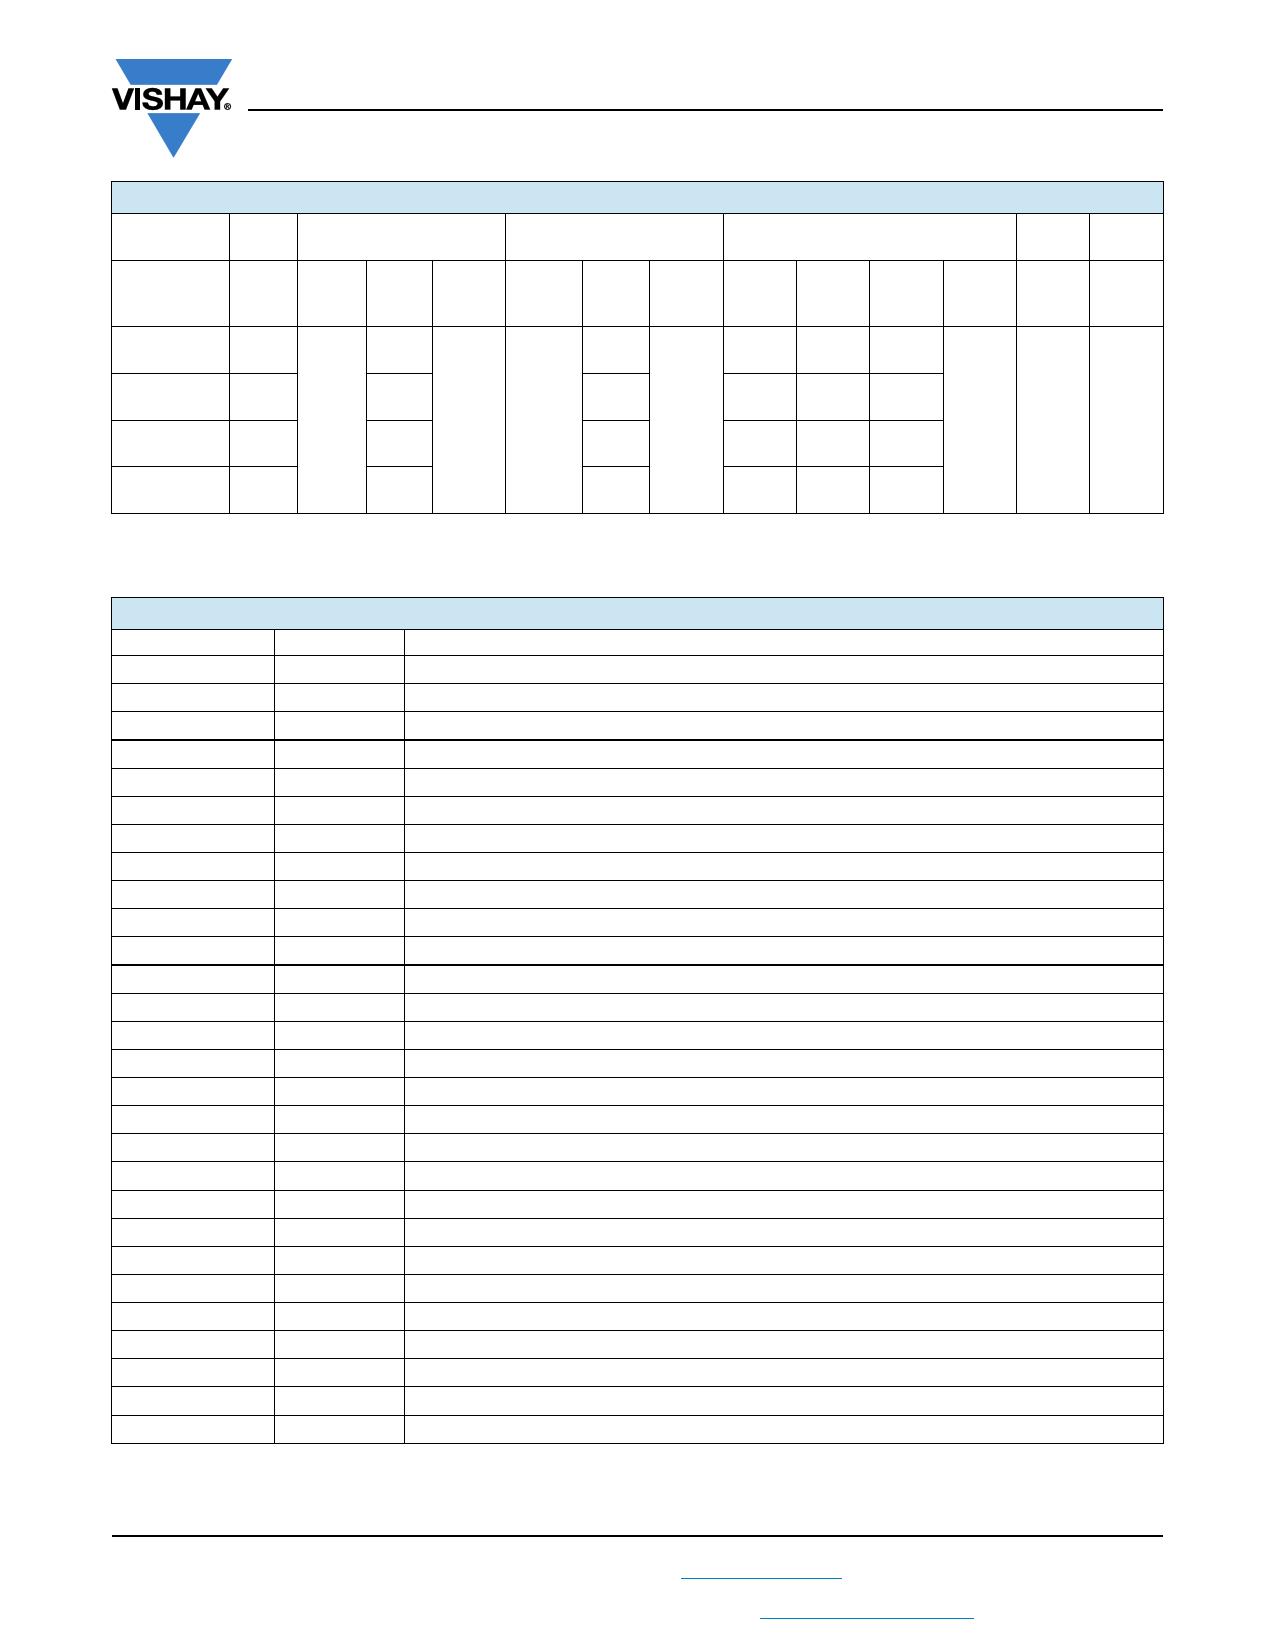 199D474Xxxxx pdf, 電子部品, 半導体, ピン配列